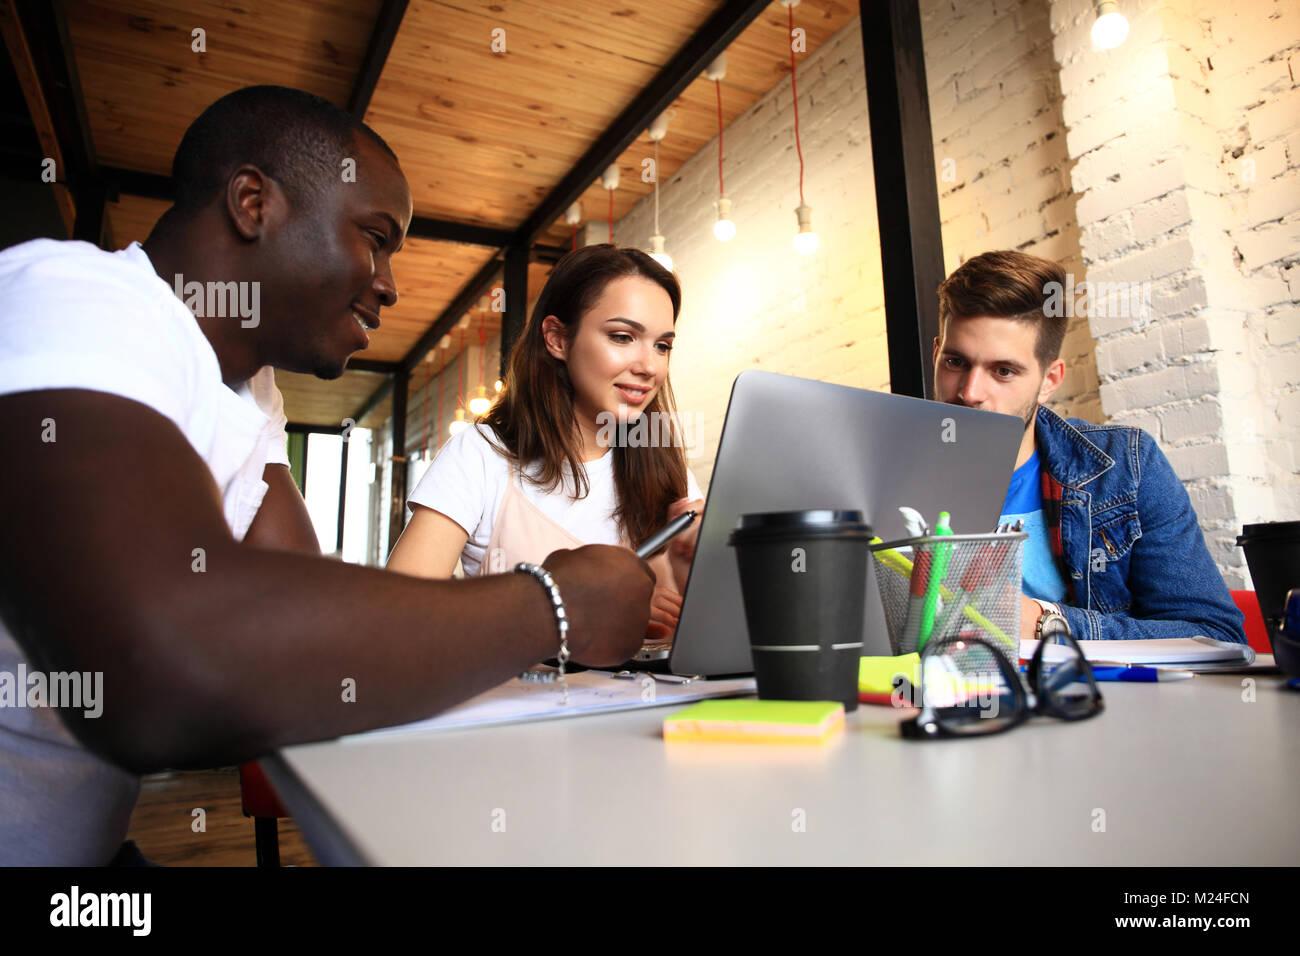 Start Vielfalt Teamarbeit Brainstorming Konzept. Business Team Mitarbeiter teilen Weltwirtschaft Bericht Dokument Stockfoto